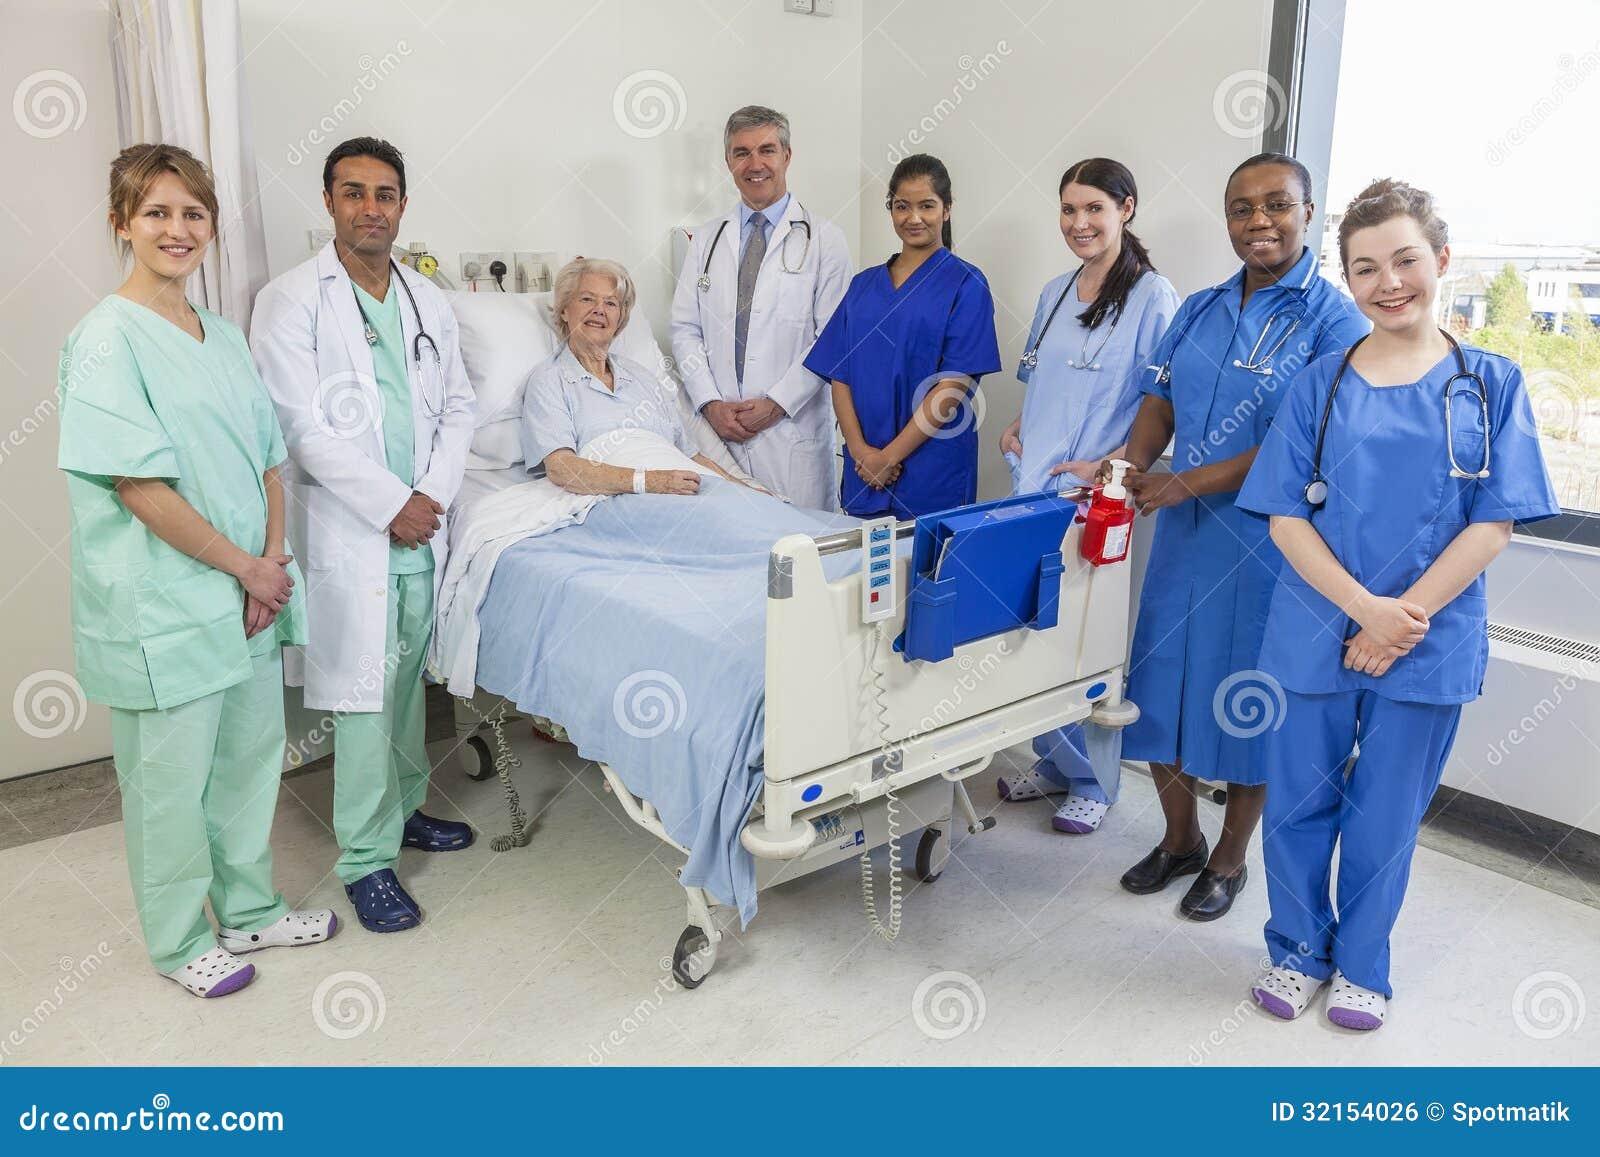 Starszy Żeński kobieta pacjent Fabrykuje zaopatrzenia medycznego & Pielęgnuje